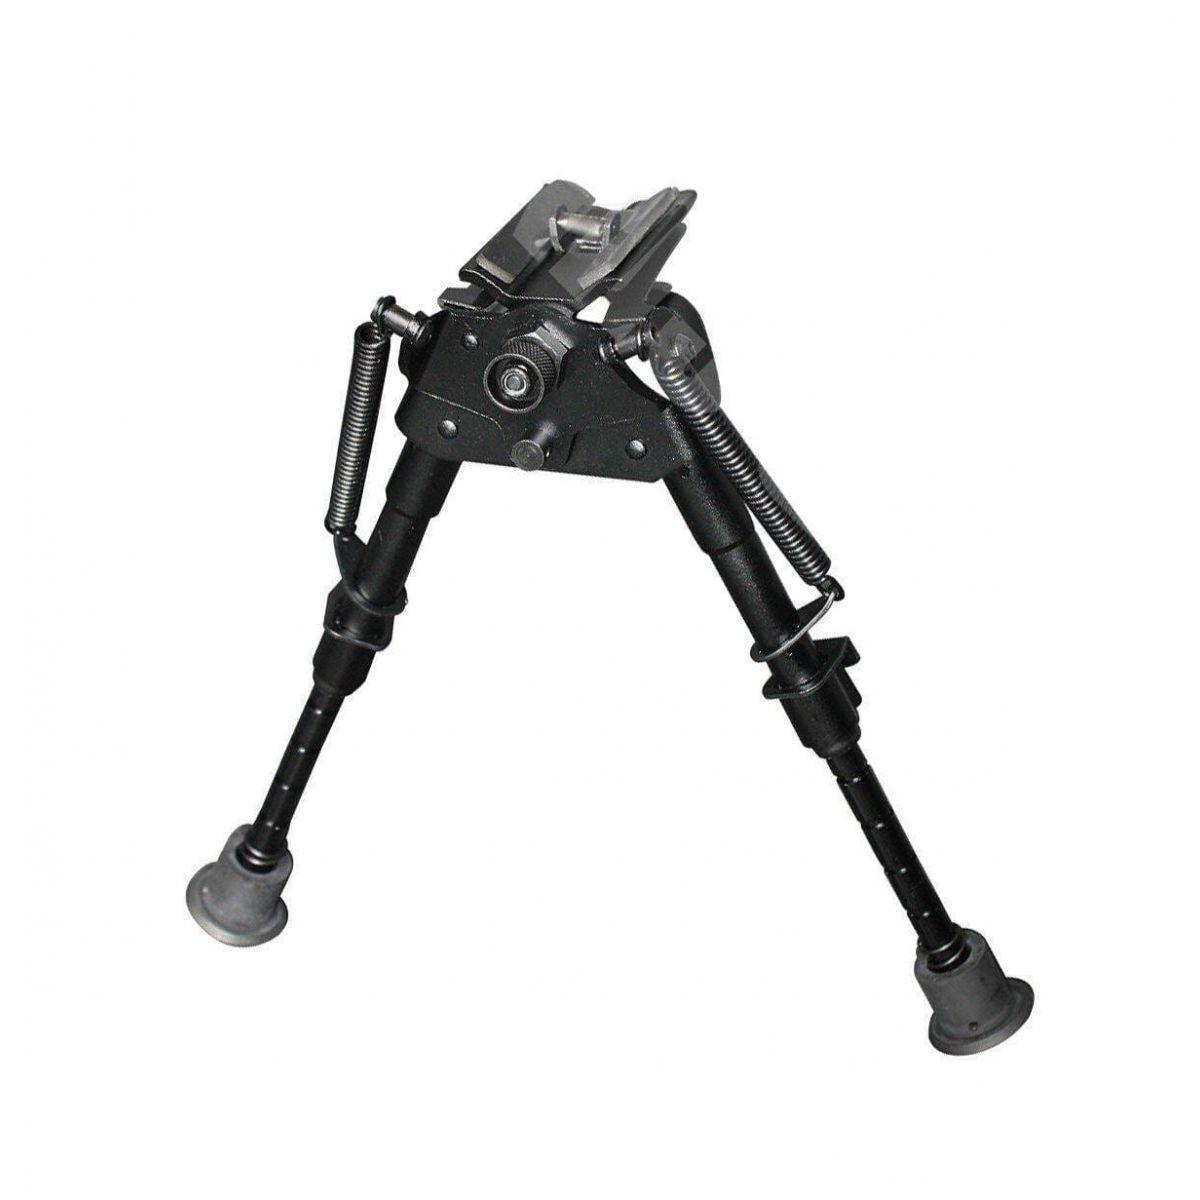 PRO BIPOD sniper mount retractable